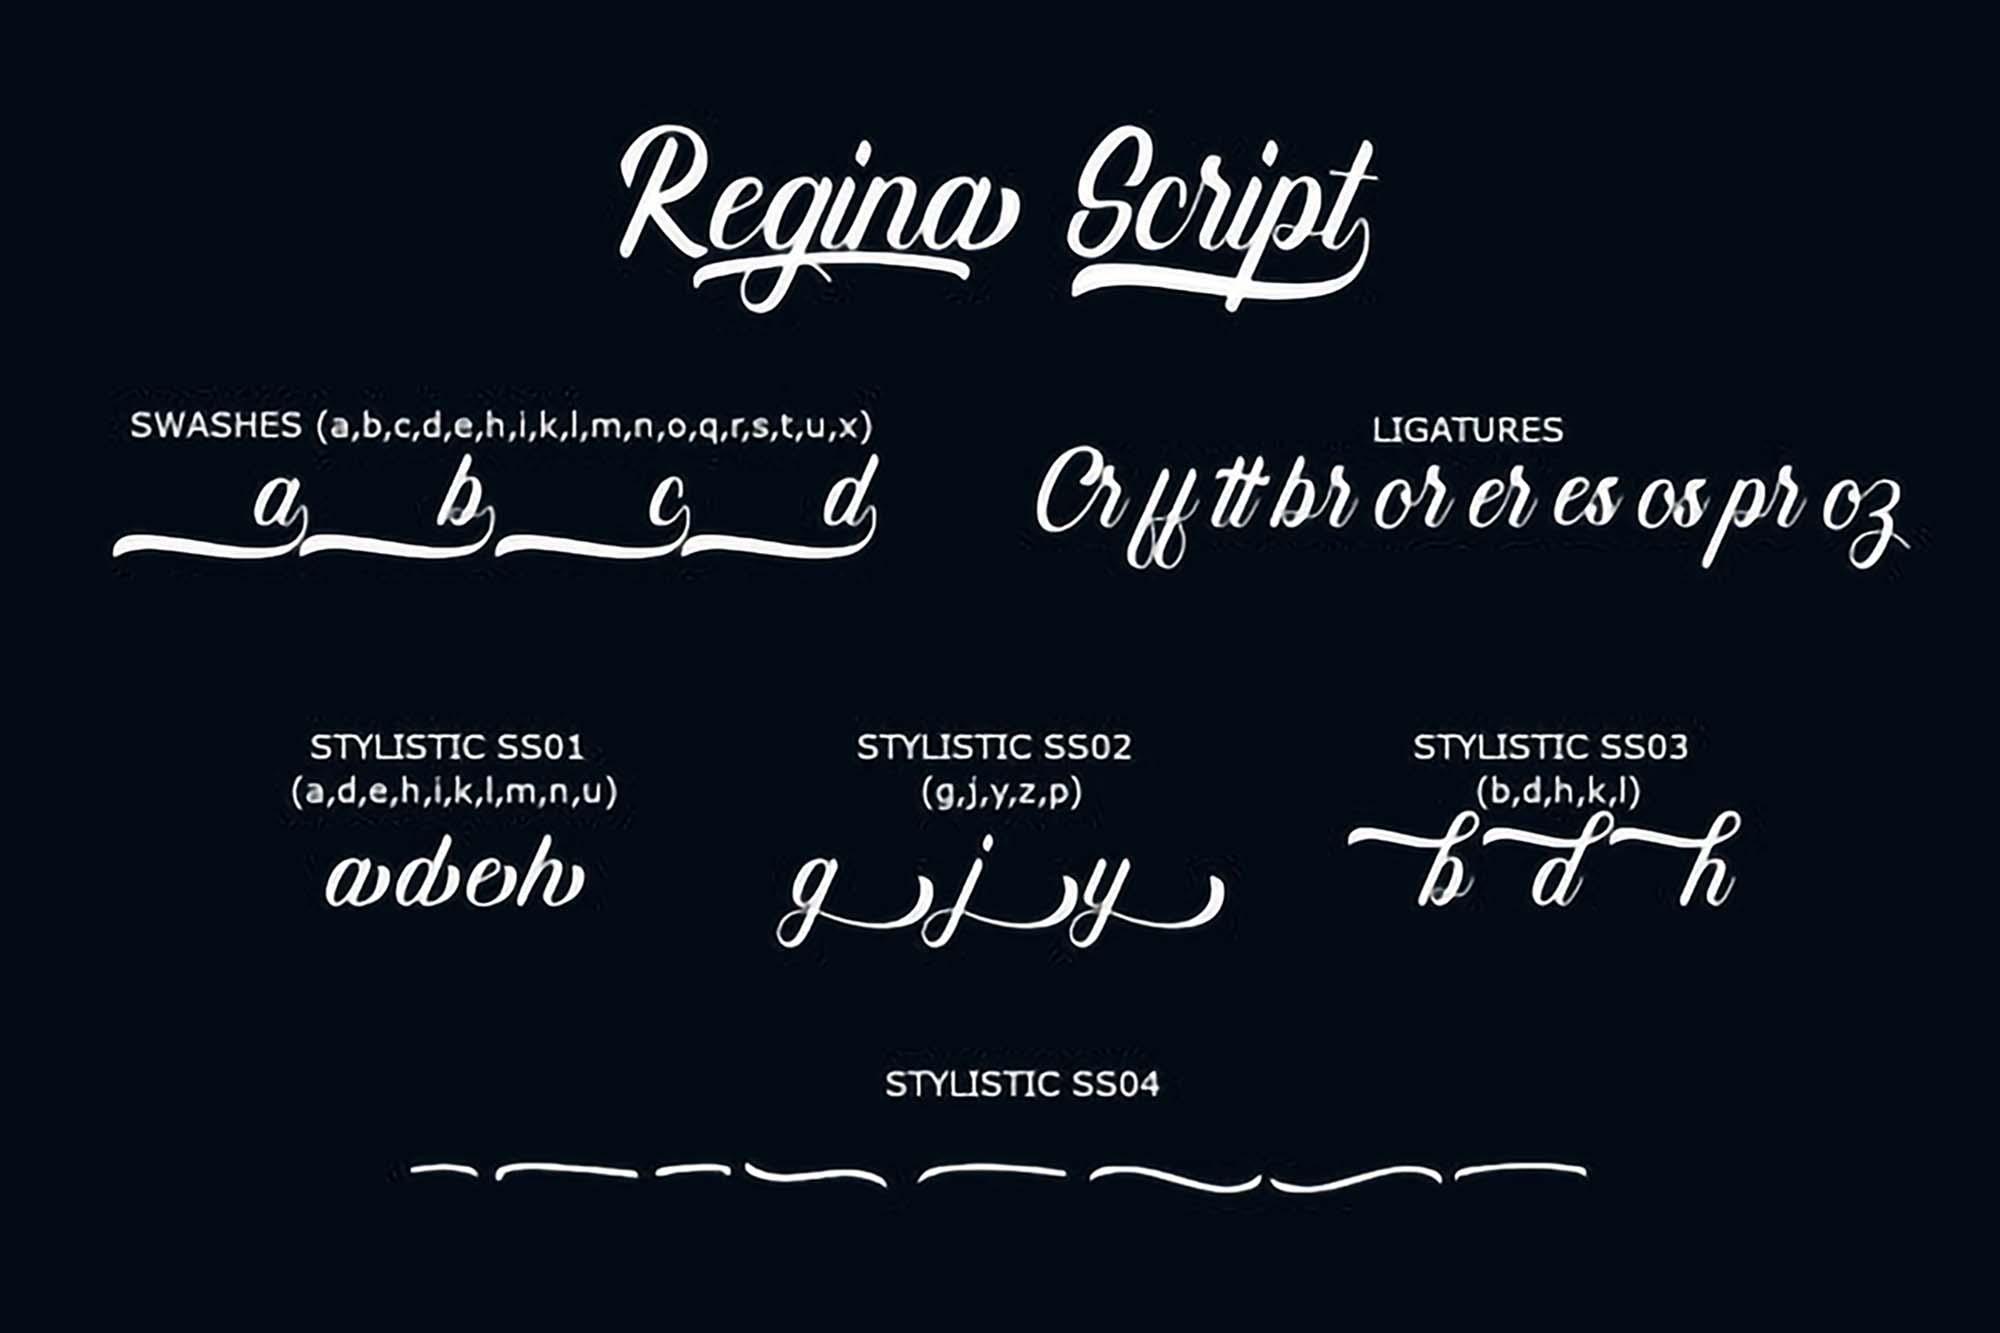 Refina Script Font 5